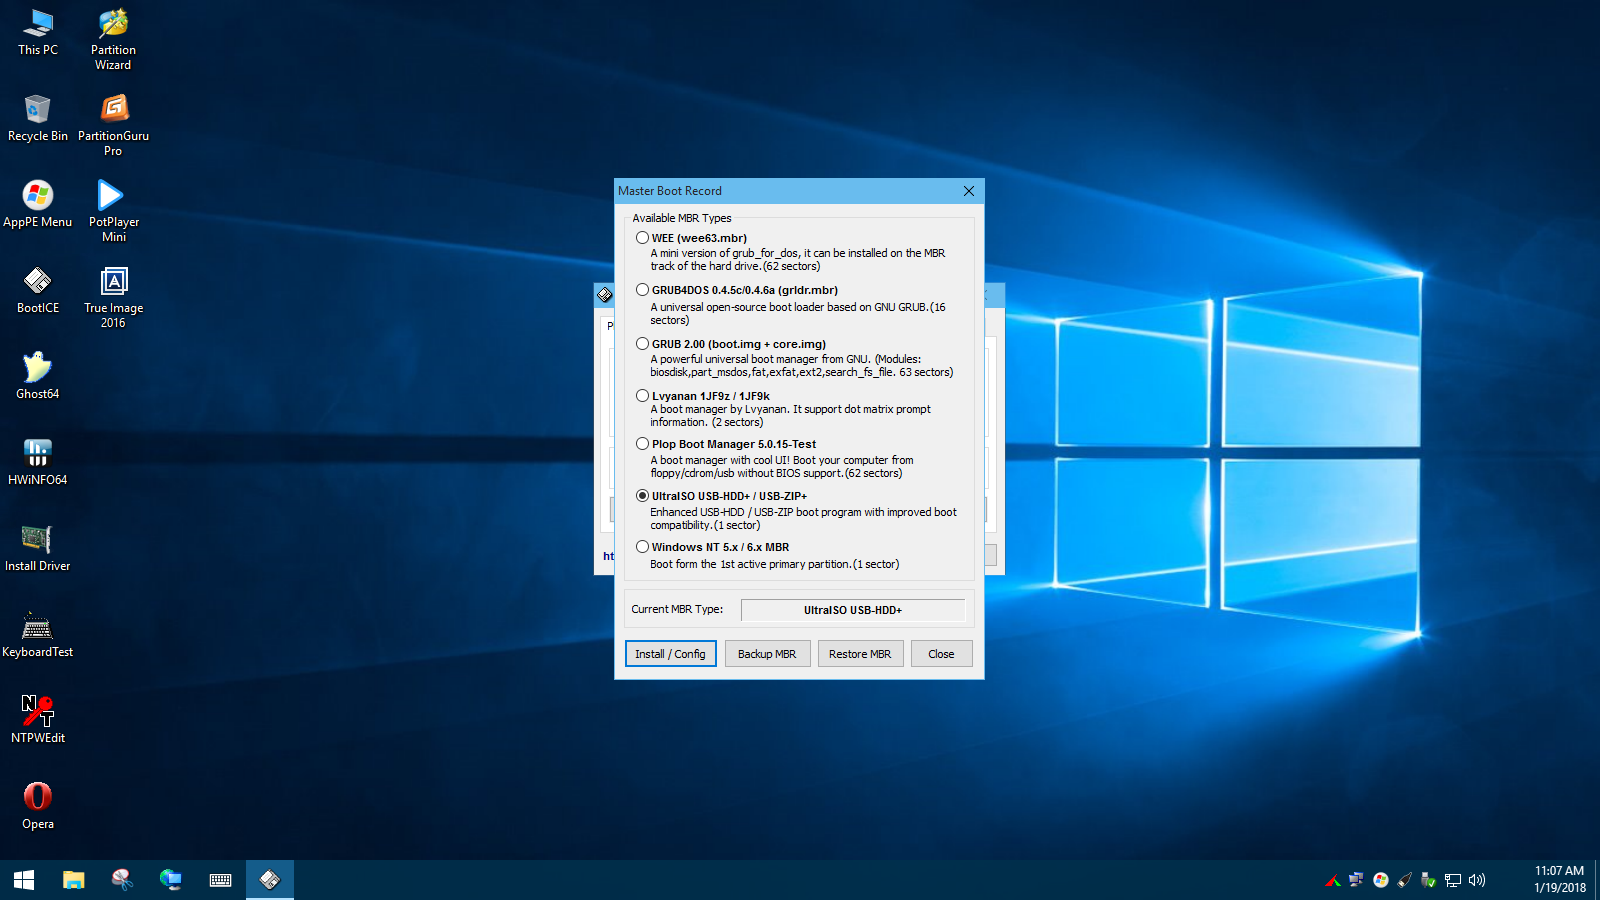 Hướng Dẫn Cách Tạo USB Và HDD Box Multiboot Hỗ Trợ Cứu Hộ Máy Tính UEFI - 7